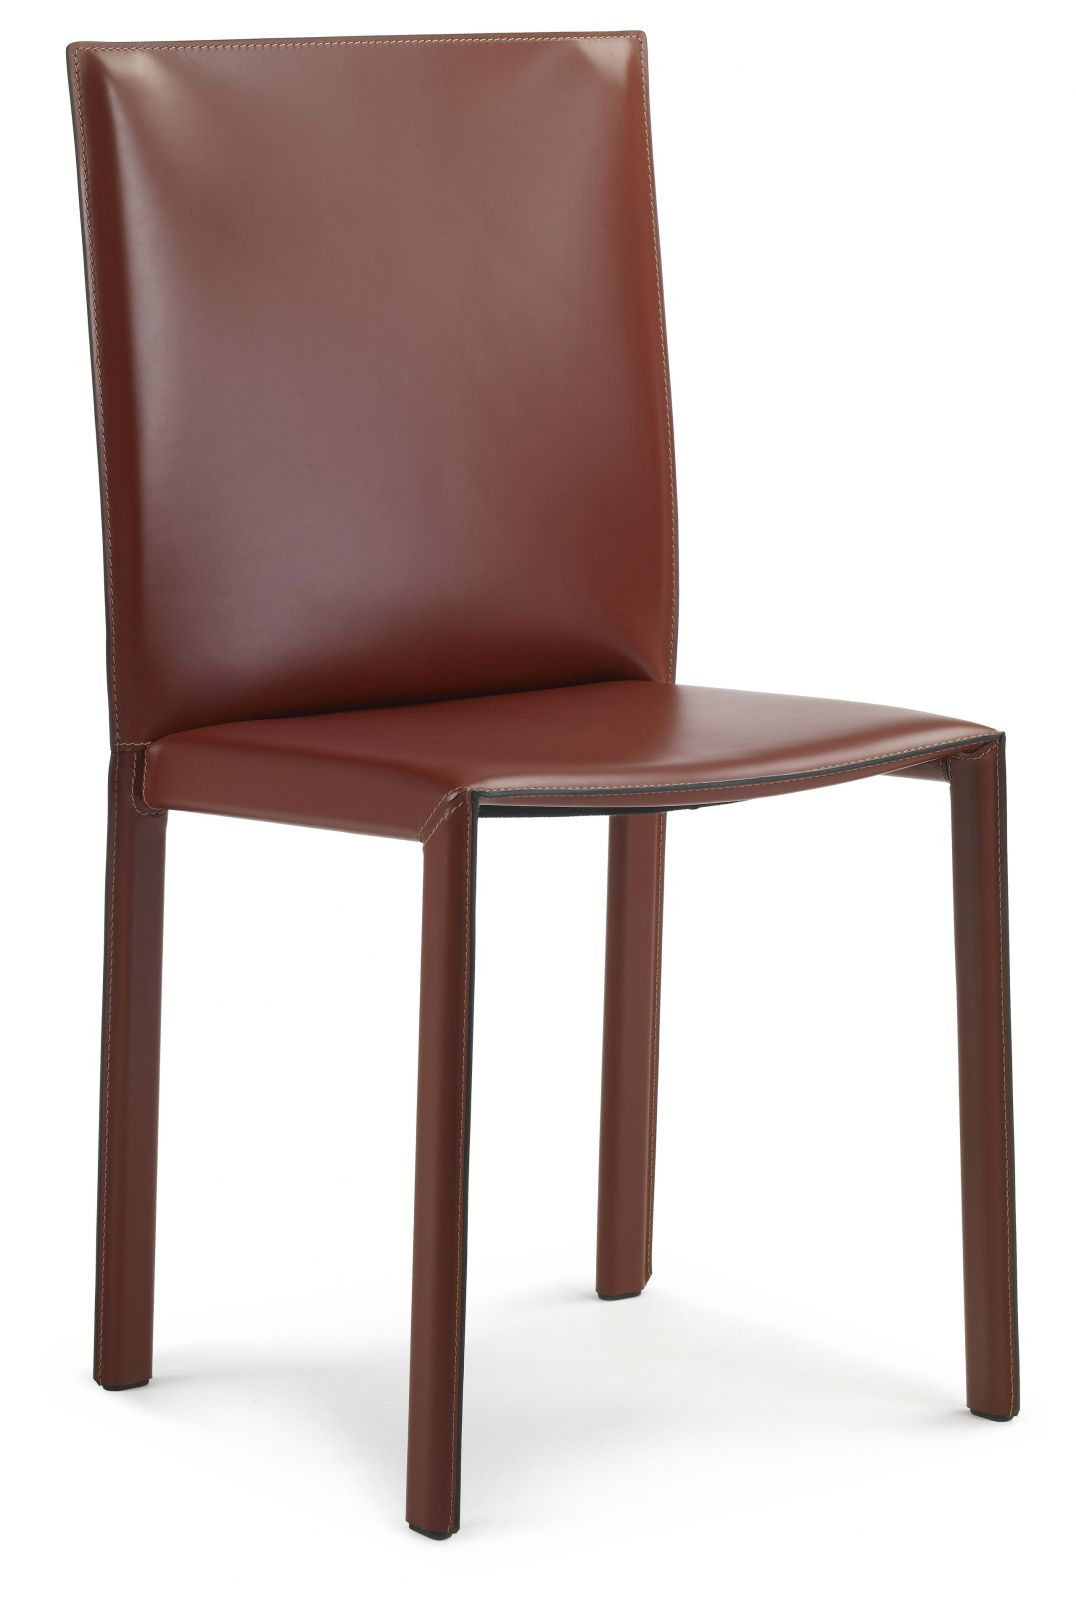 MOF 137 Modern Office Chair